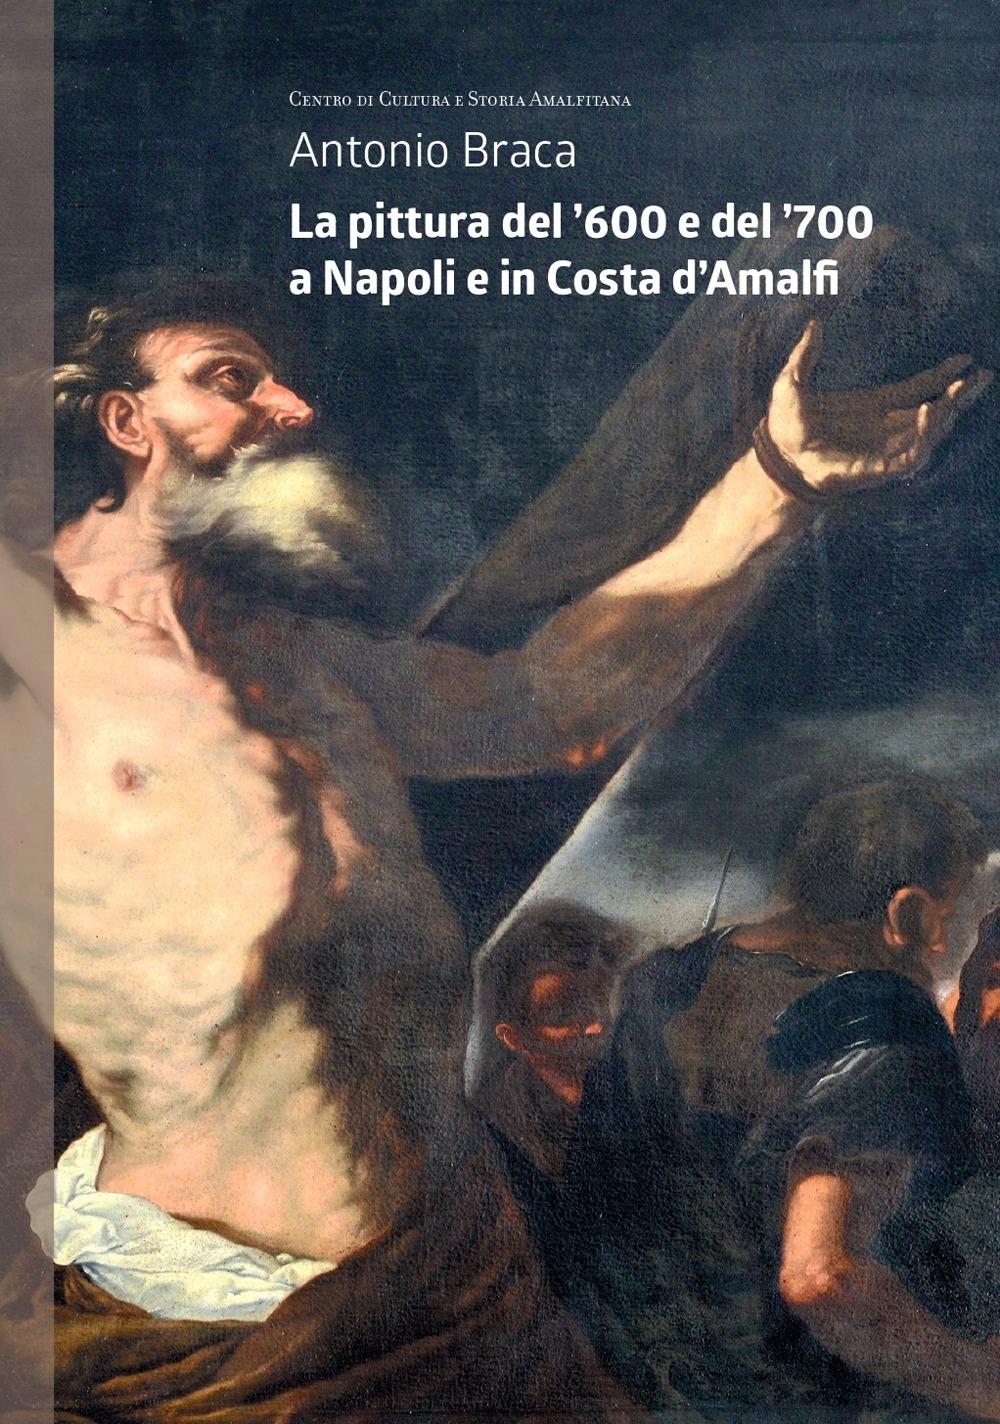 La pittura del '600 e del '700 a Napoli e in Costa d'Amalfi